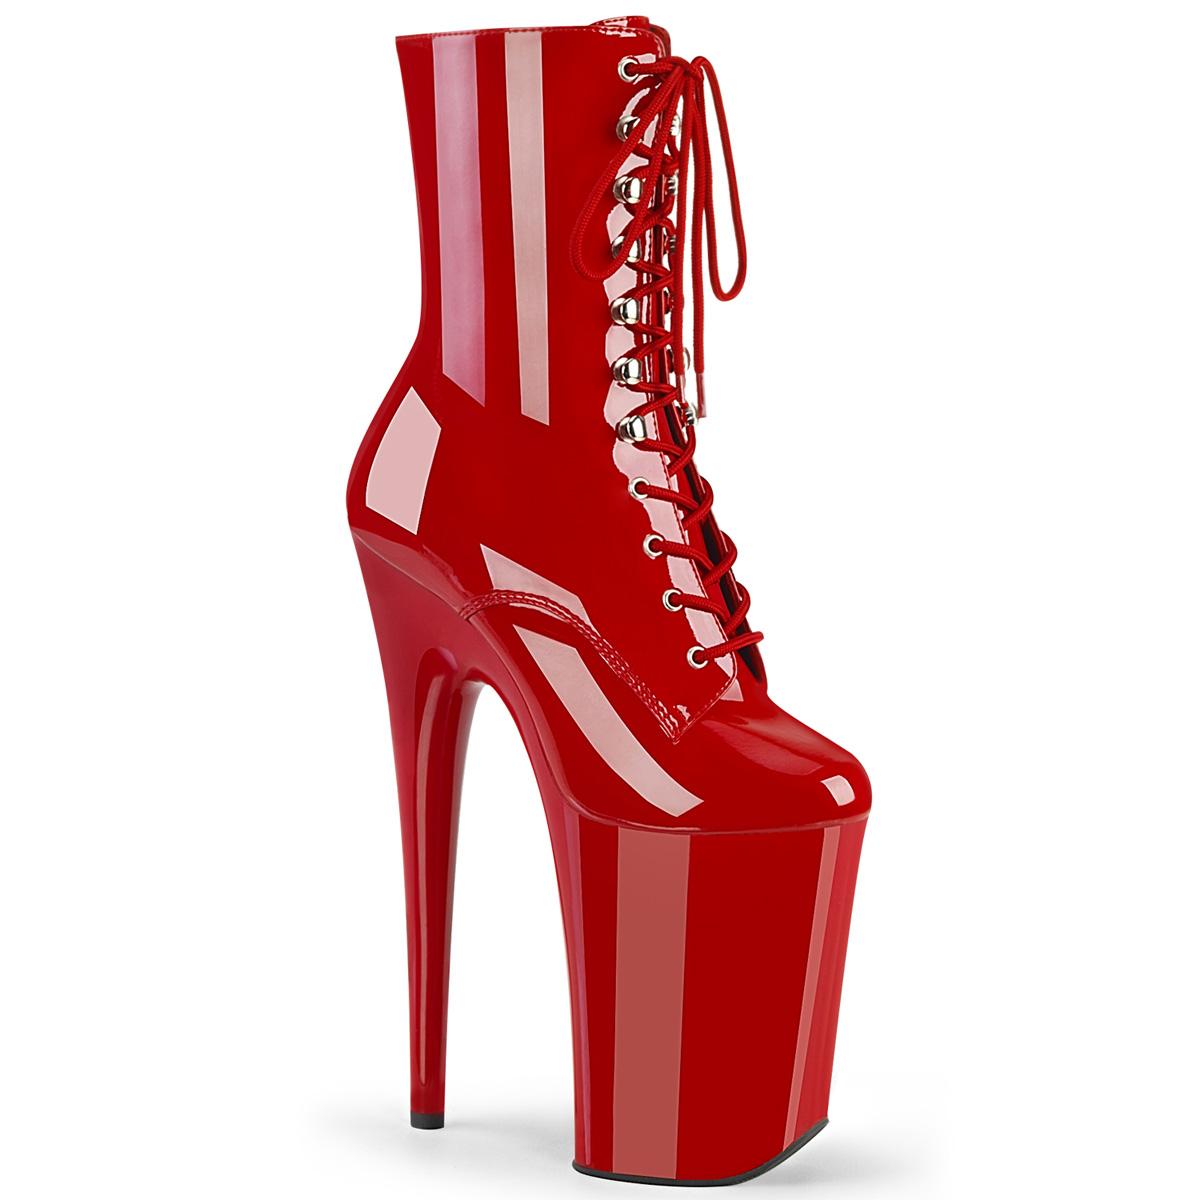 Pleaser(プリーザー) INFINITY-1020 超厚底ブーツ 9インチピンヒール レースアップ サイドZIP エナメル赤 レッド◆取り寄せ